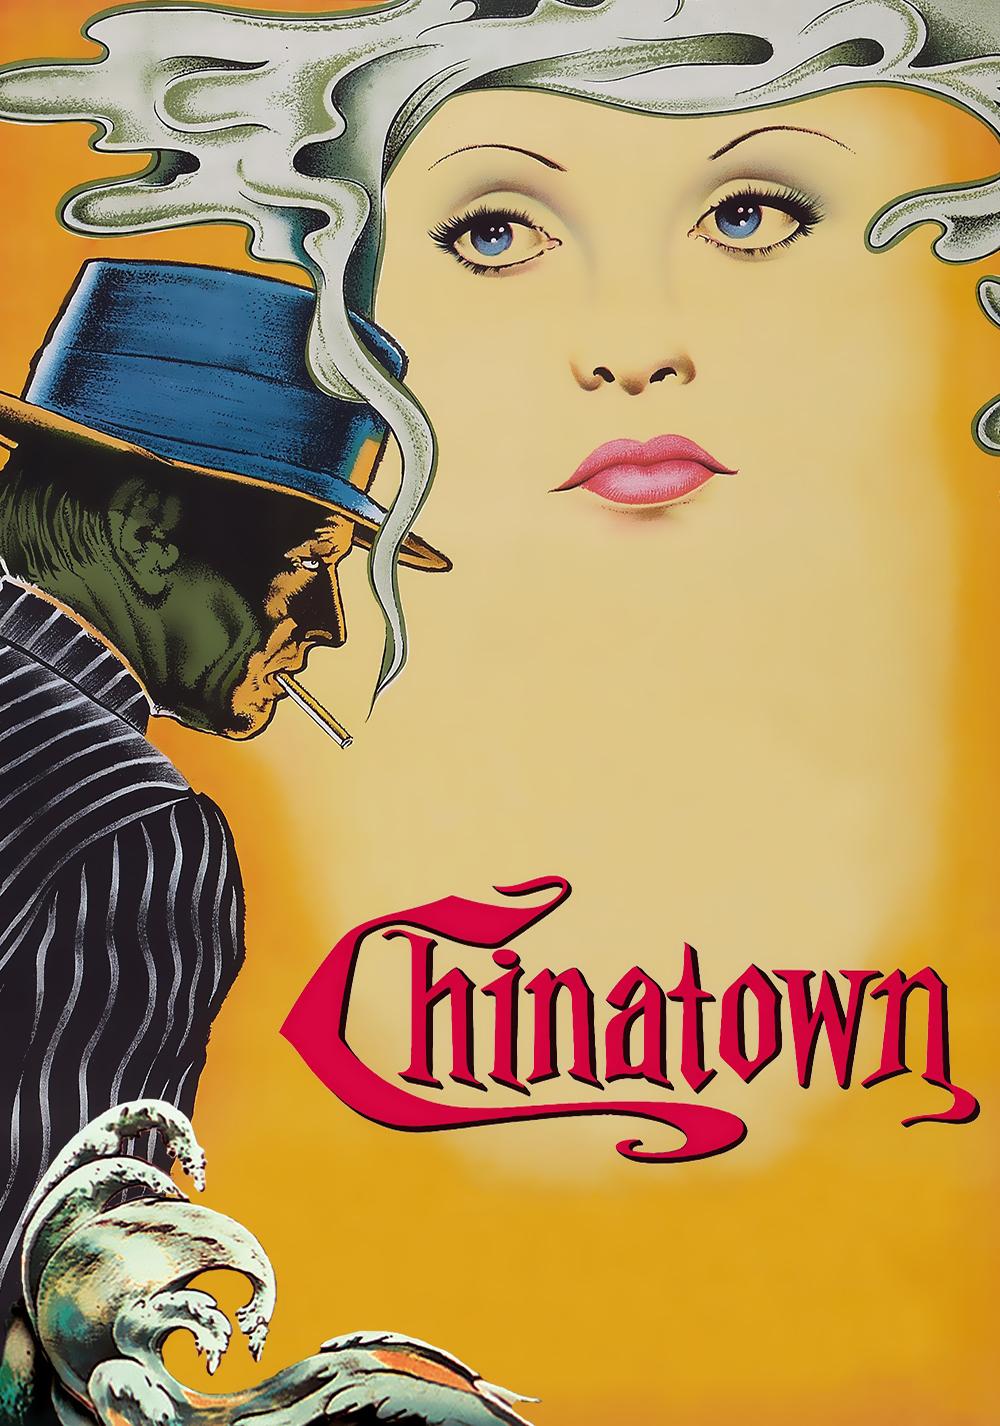 chinatown-530f9d96b1b86